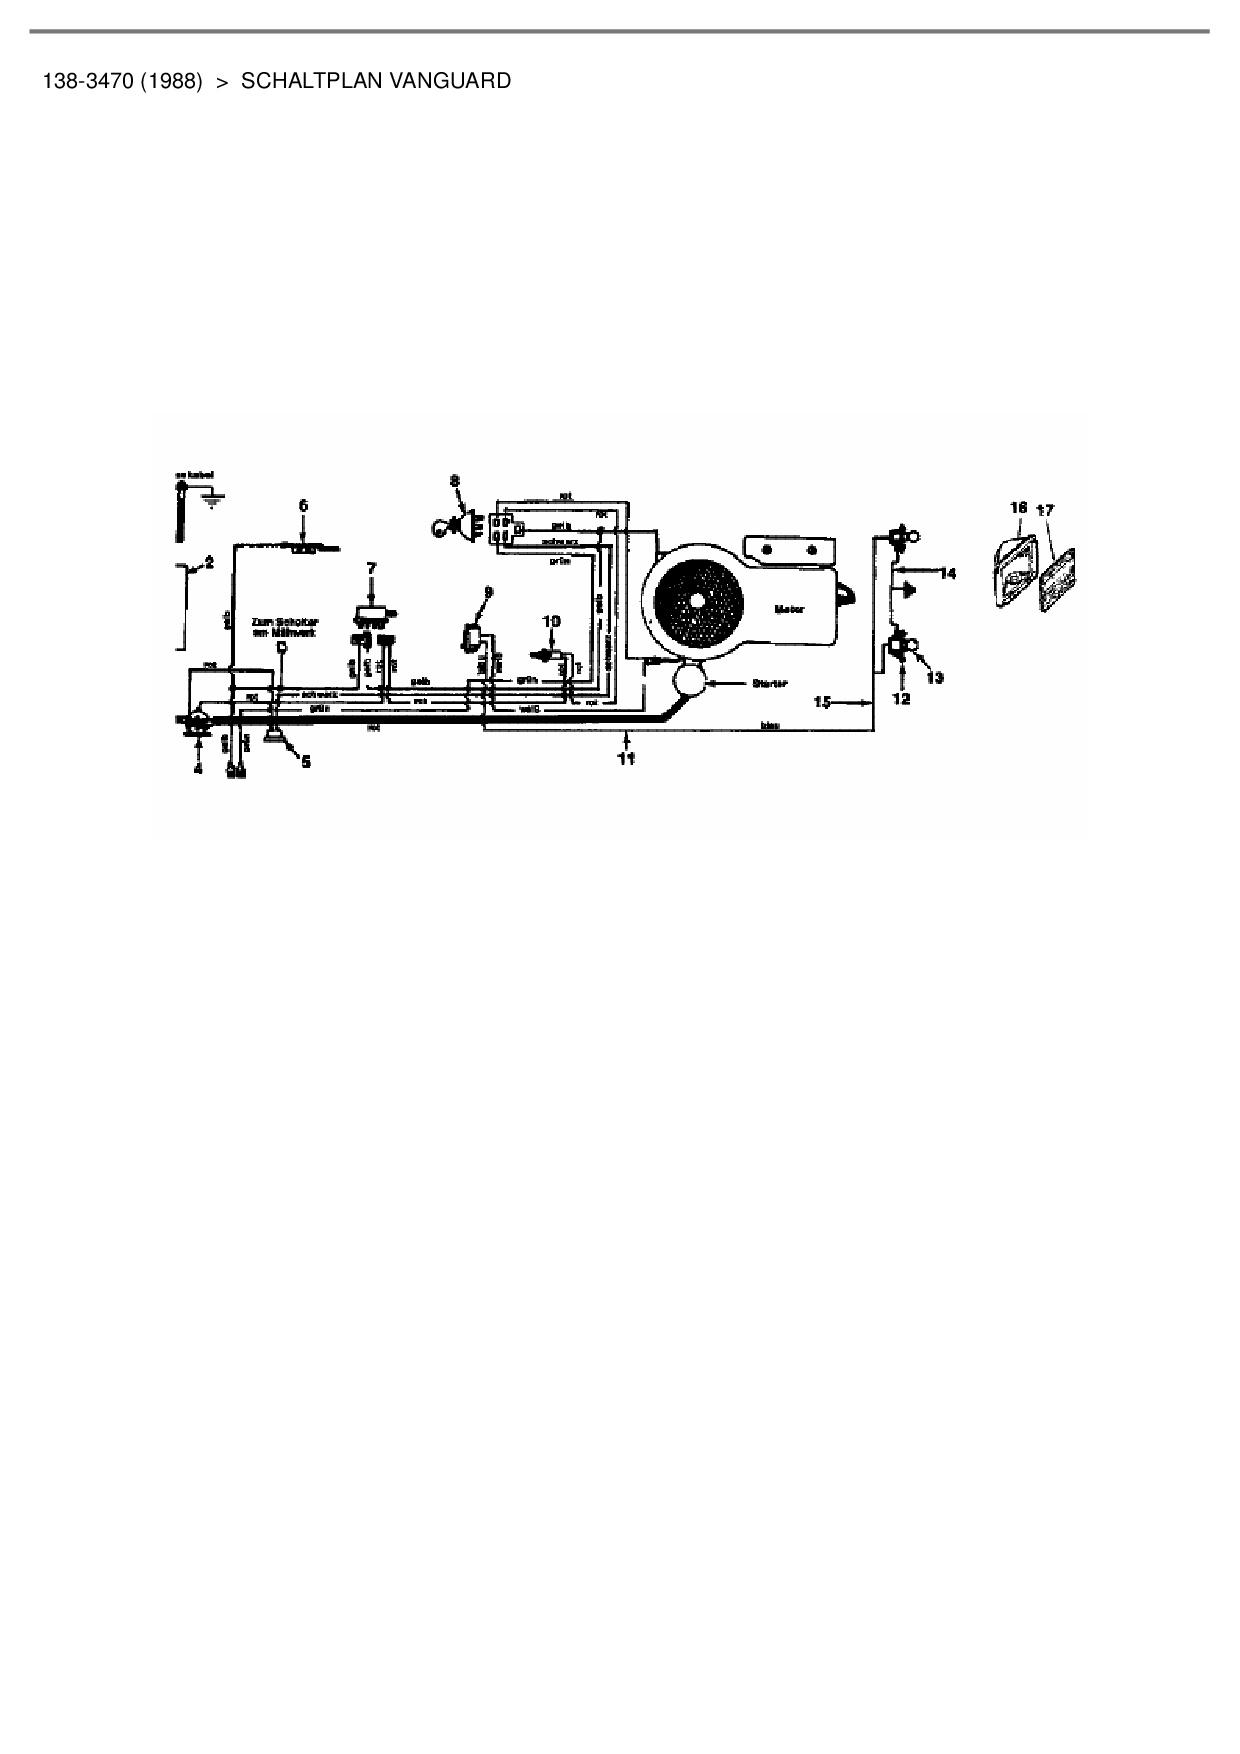 Ersatzteile von Columbia Rasentraktor 111/810 aus der Zeichnung Schal